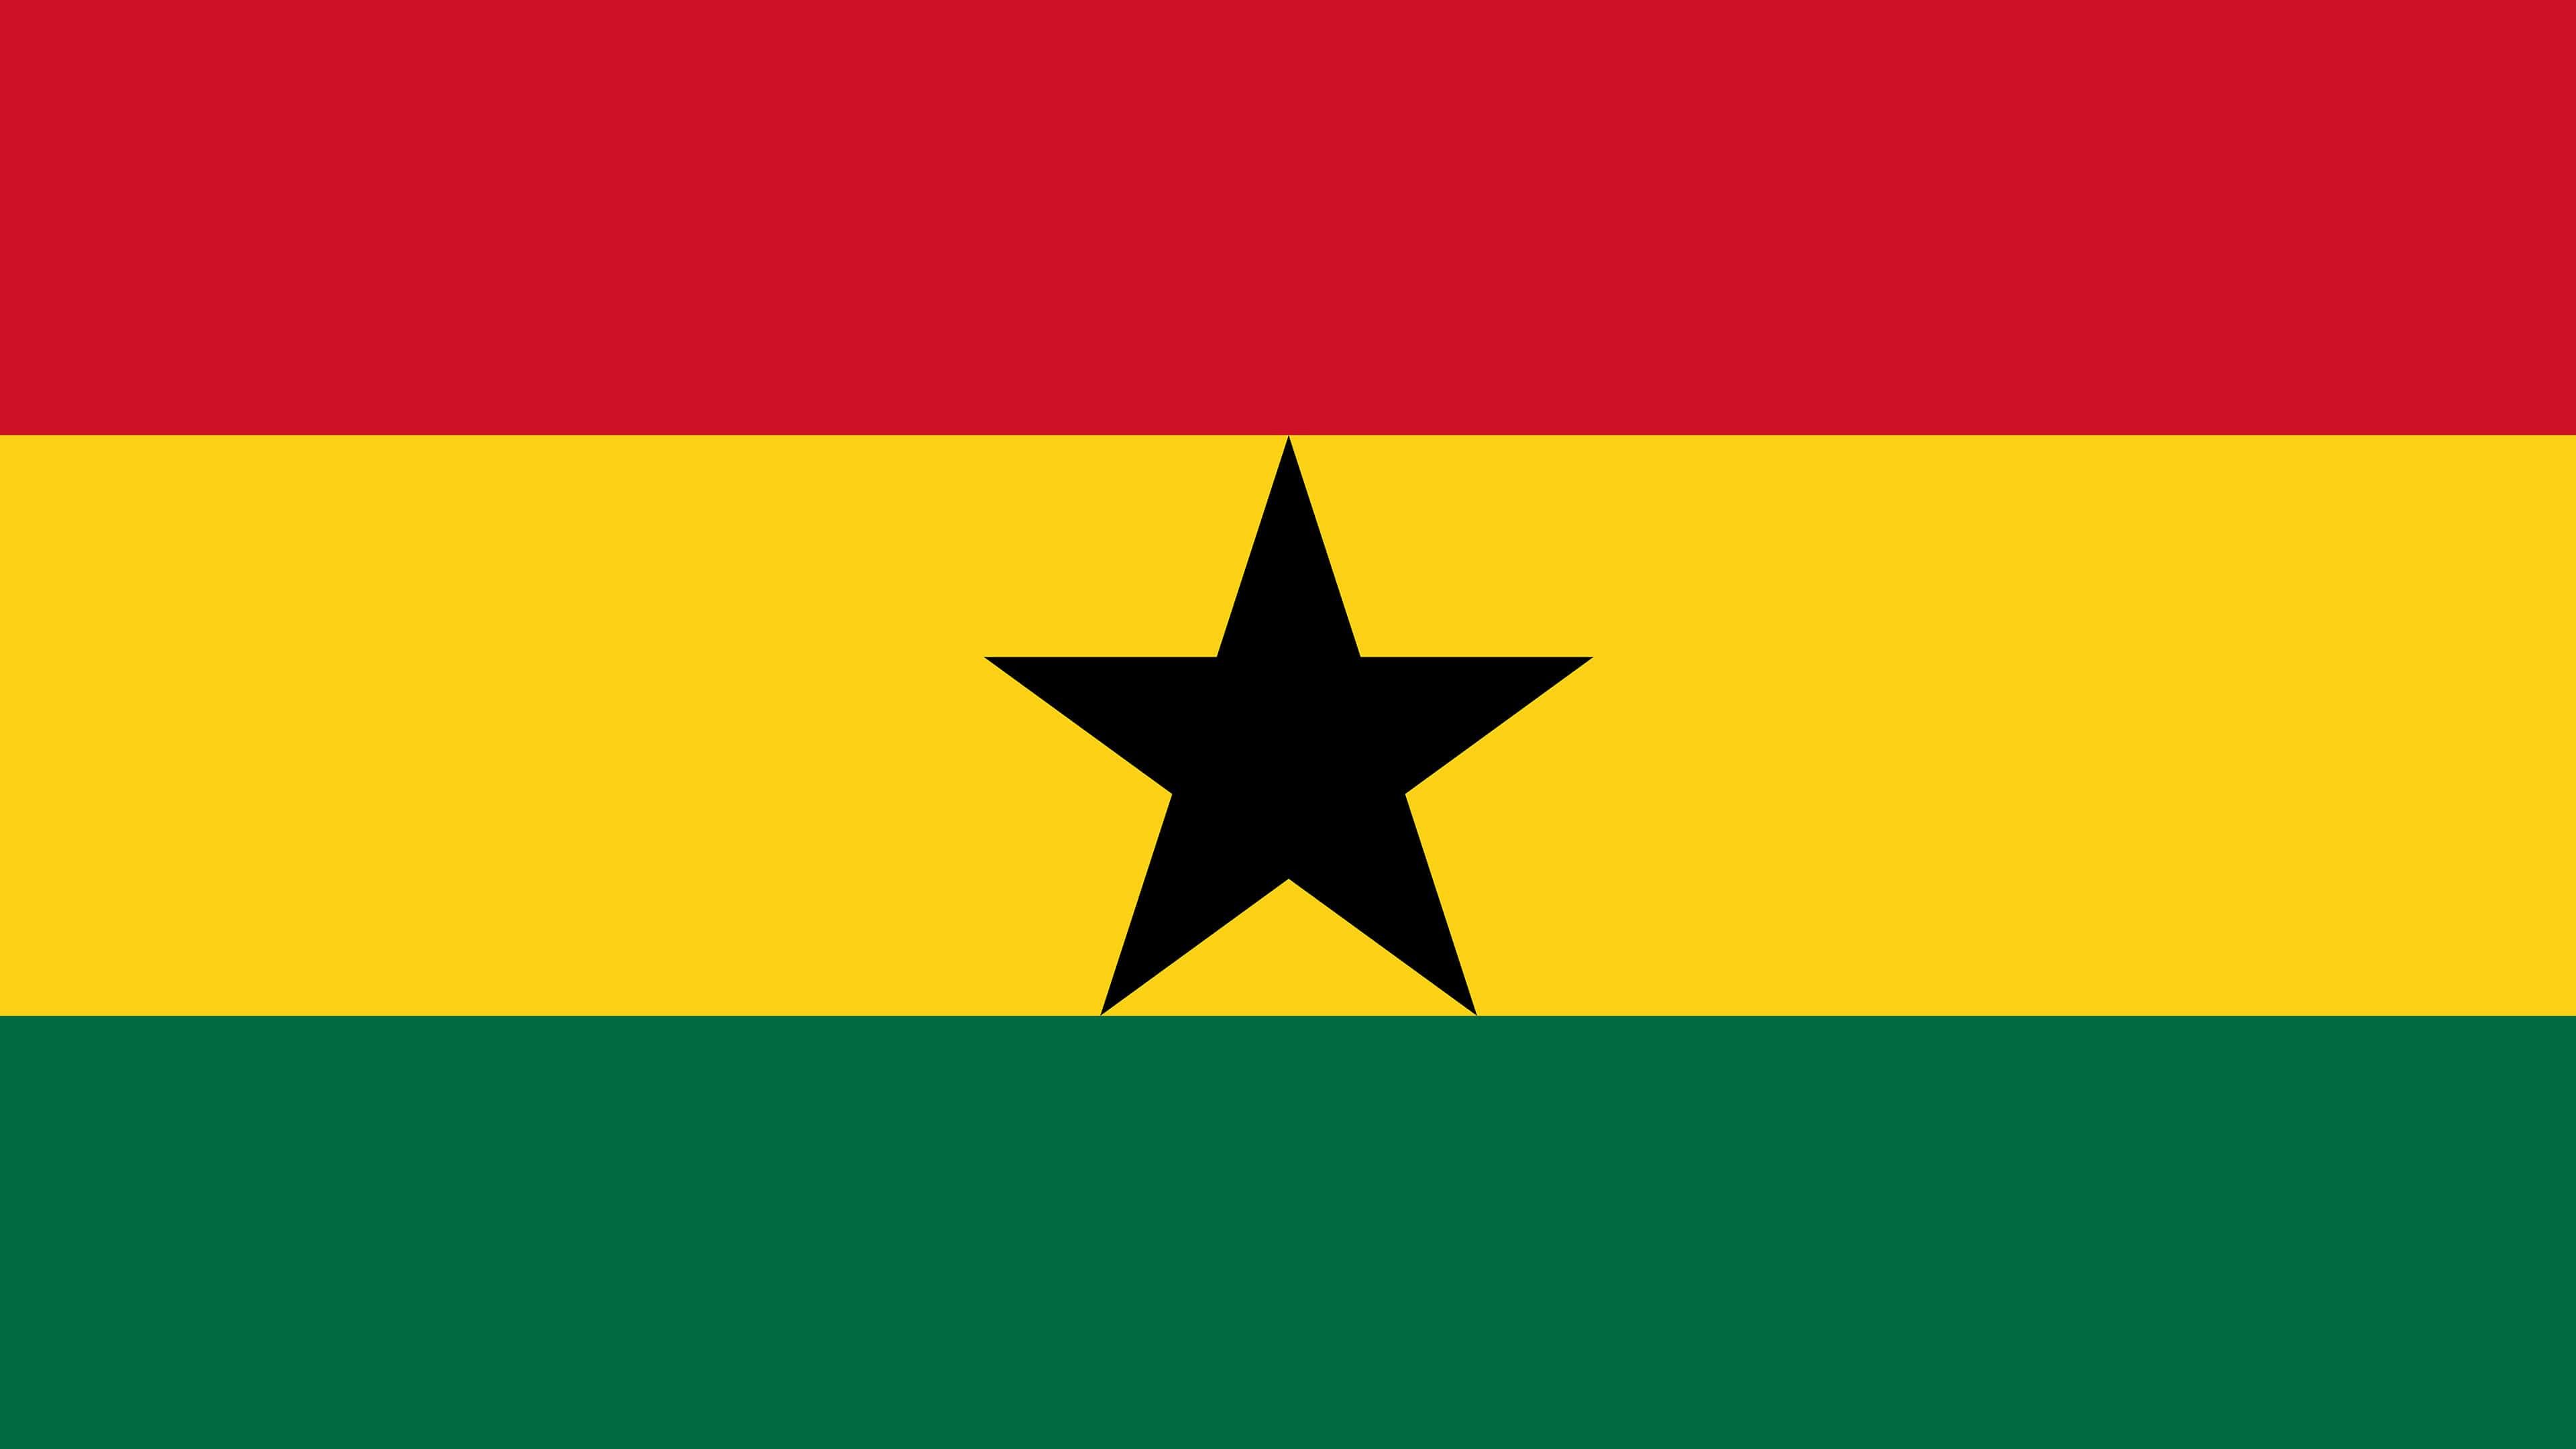 ghana flag uhd 4k wallpaper